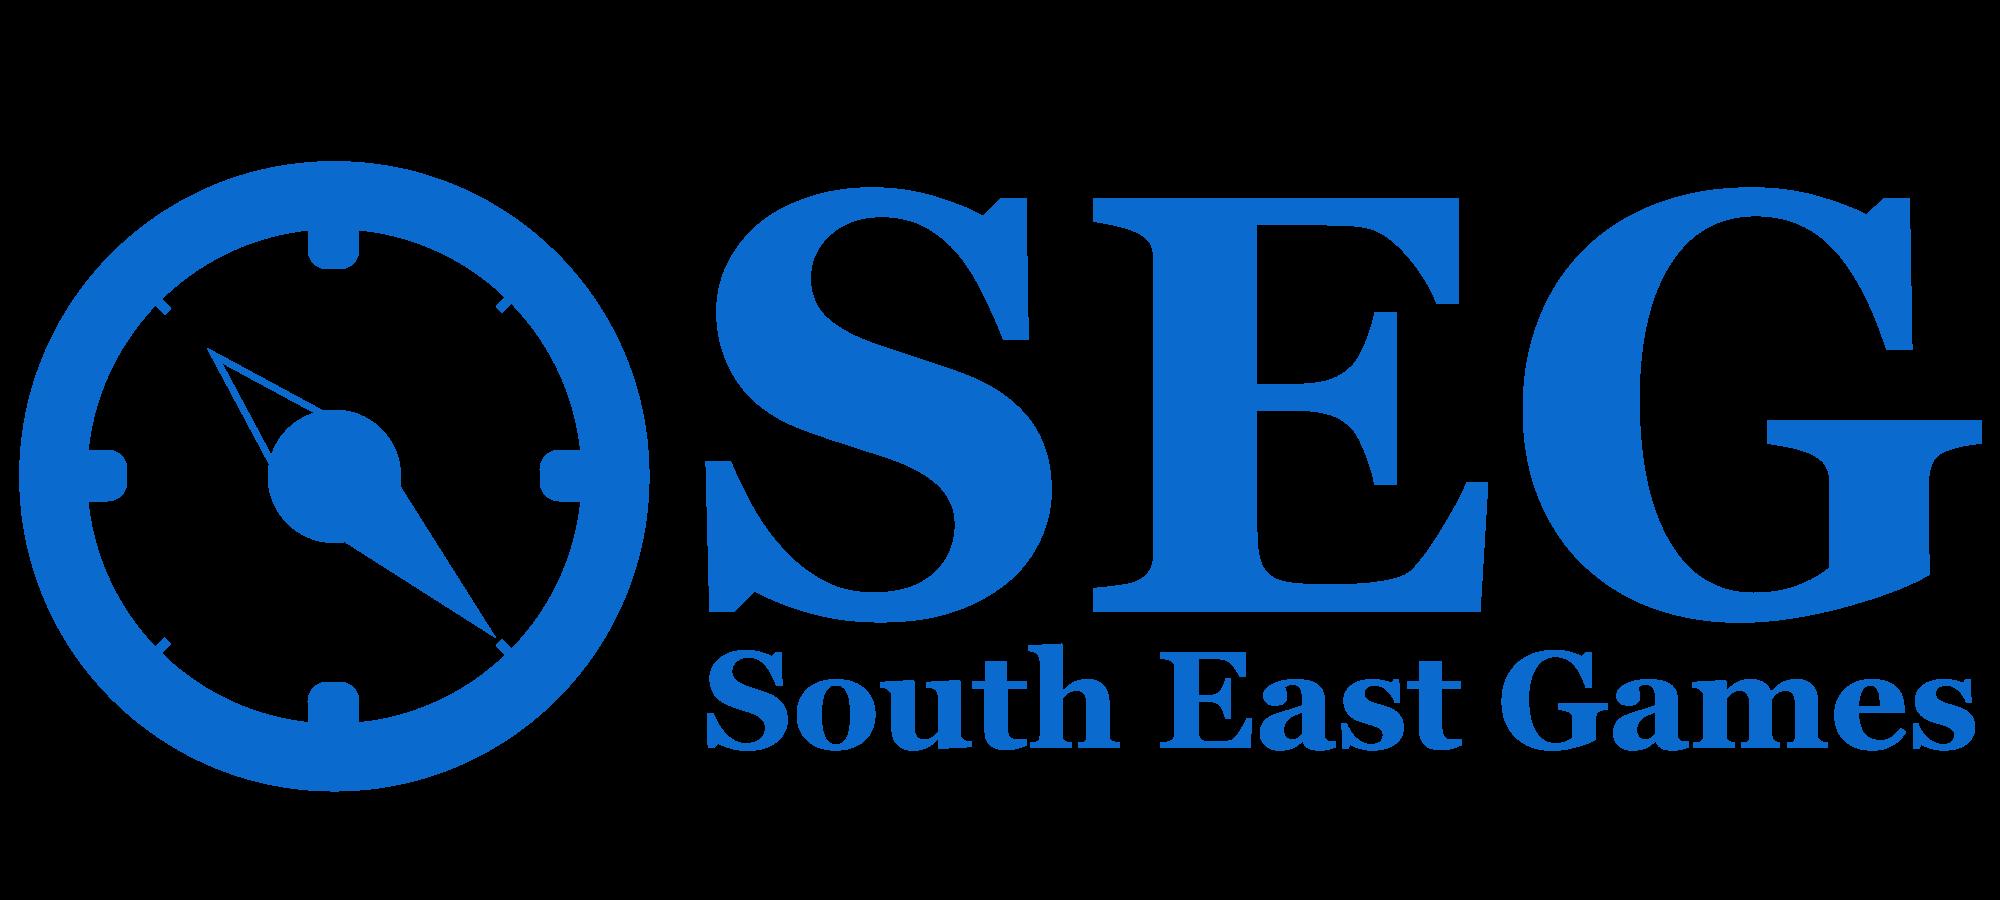 South East Games Full Logo